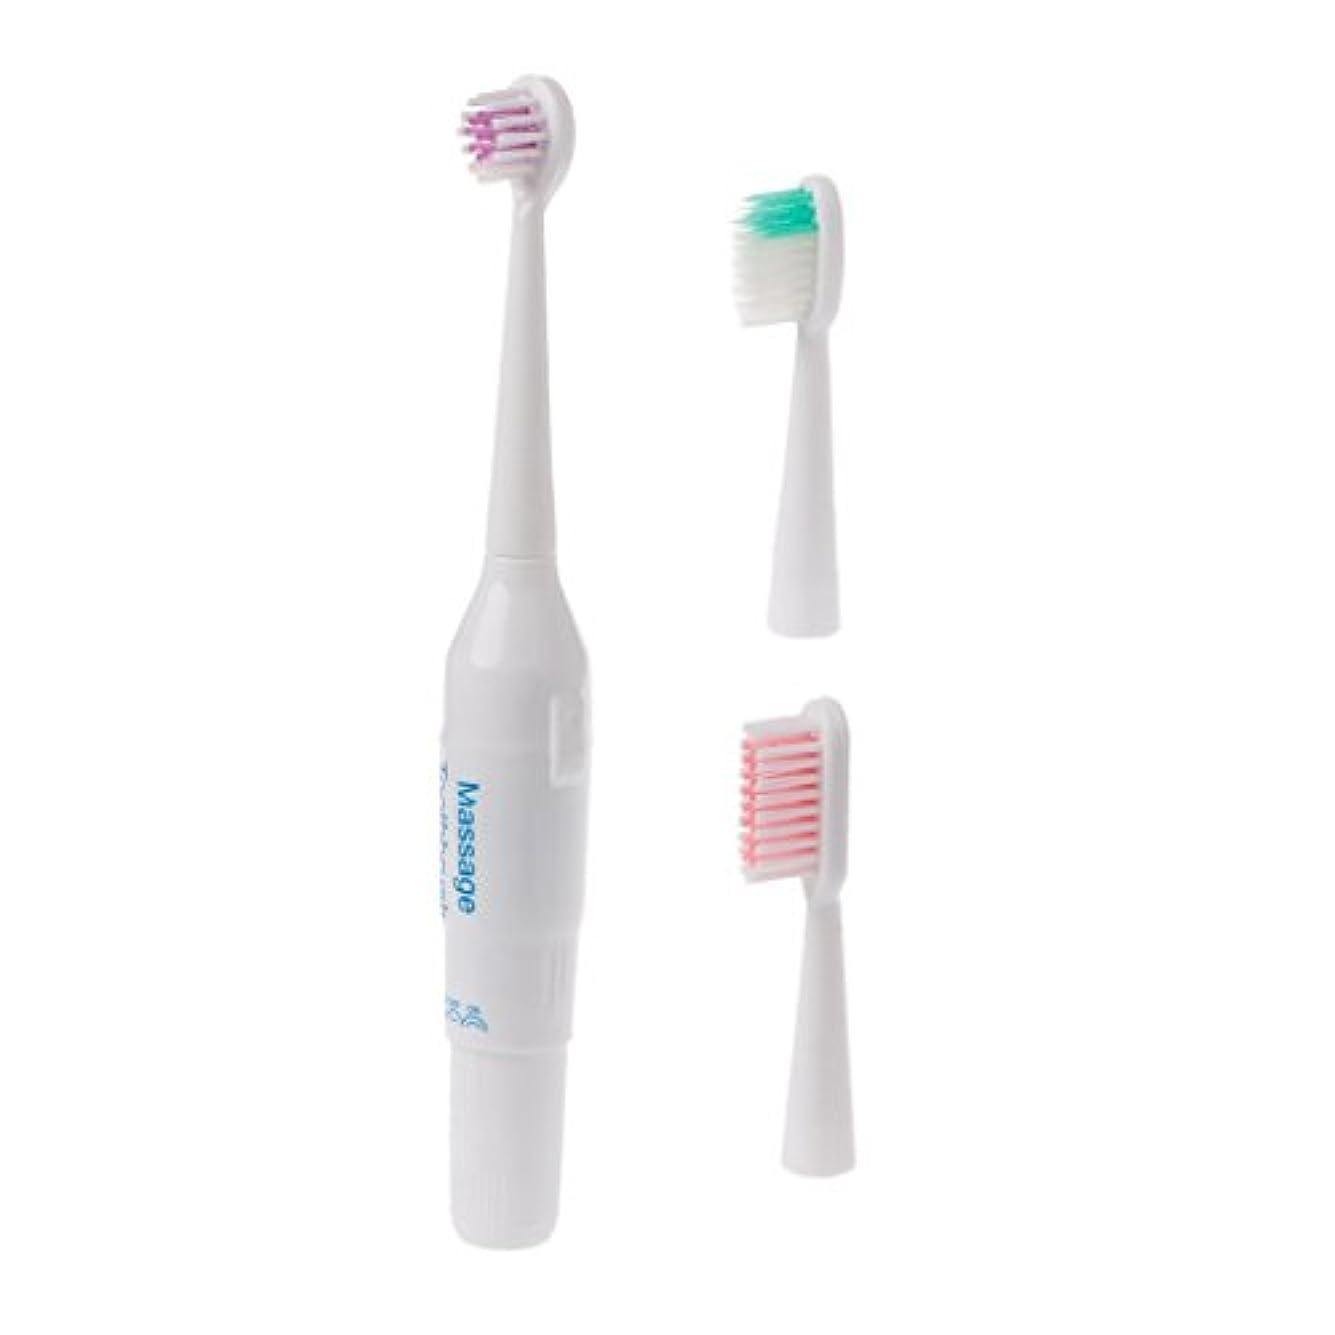 経由で少しルームManyao キッズプロフェッショナル口腔ケアクリーン電気歯ブラシパワーベビー用歯ブラシ